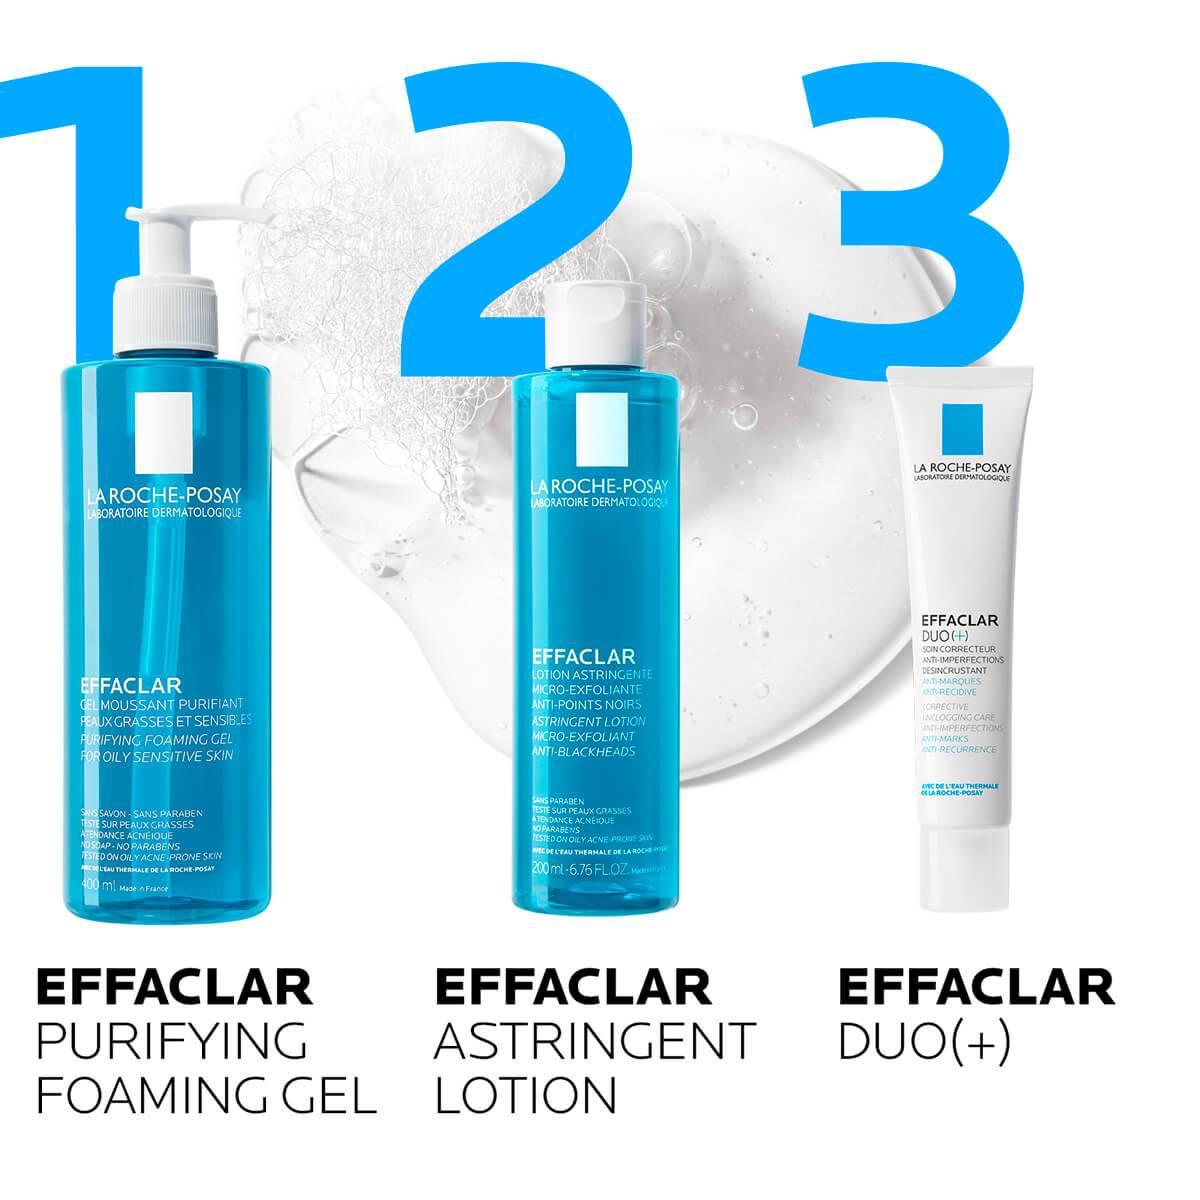 La Roche Posay Tuotesivu Epäpuhtauksiin taipuvaisuus Effaclar Cleansing Foaming Gel 400ml routine